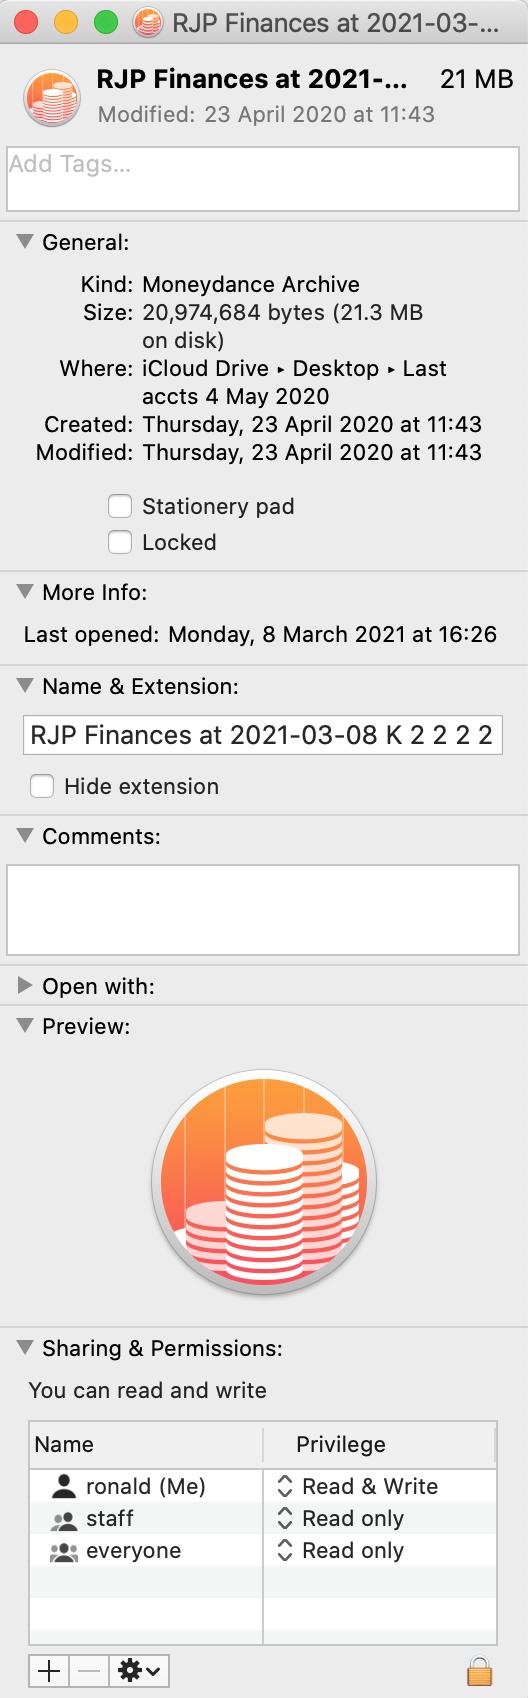 Screenshot_2021-03-08_at_18.30.47